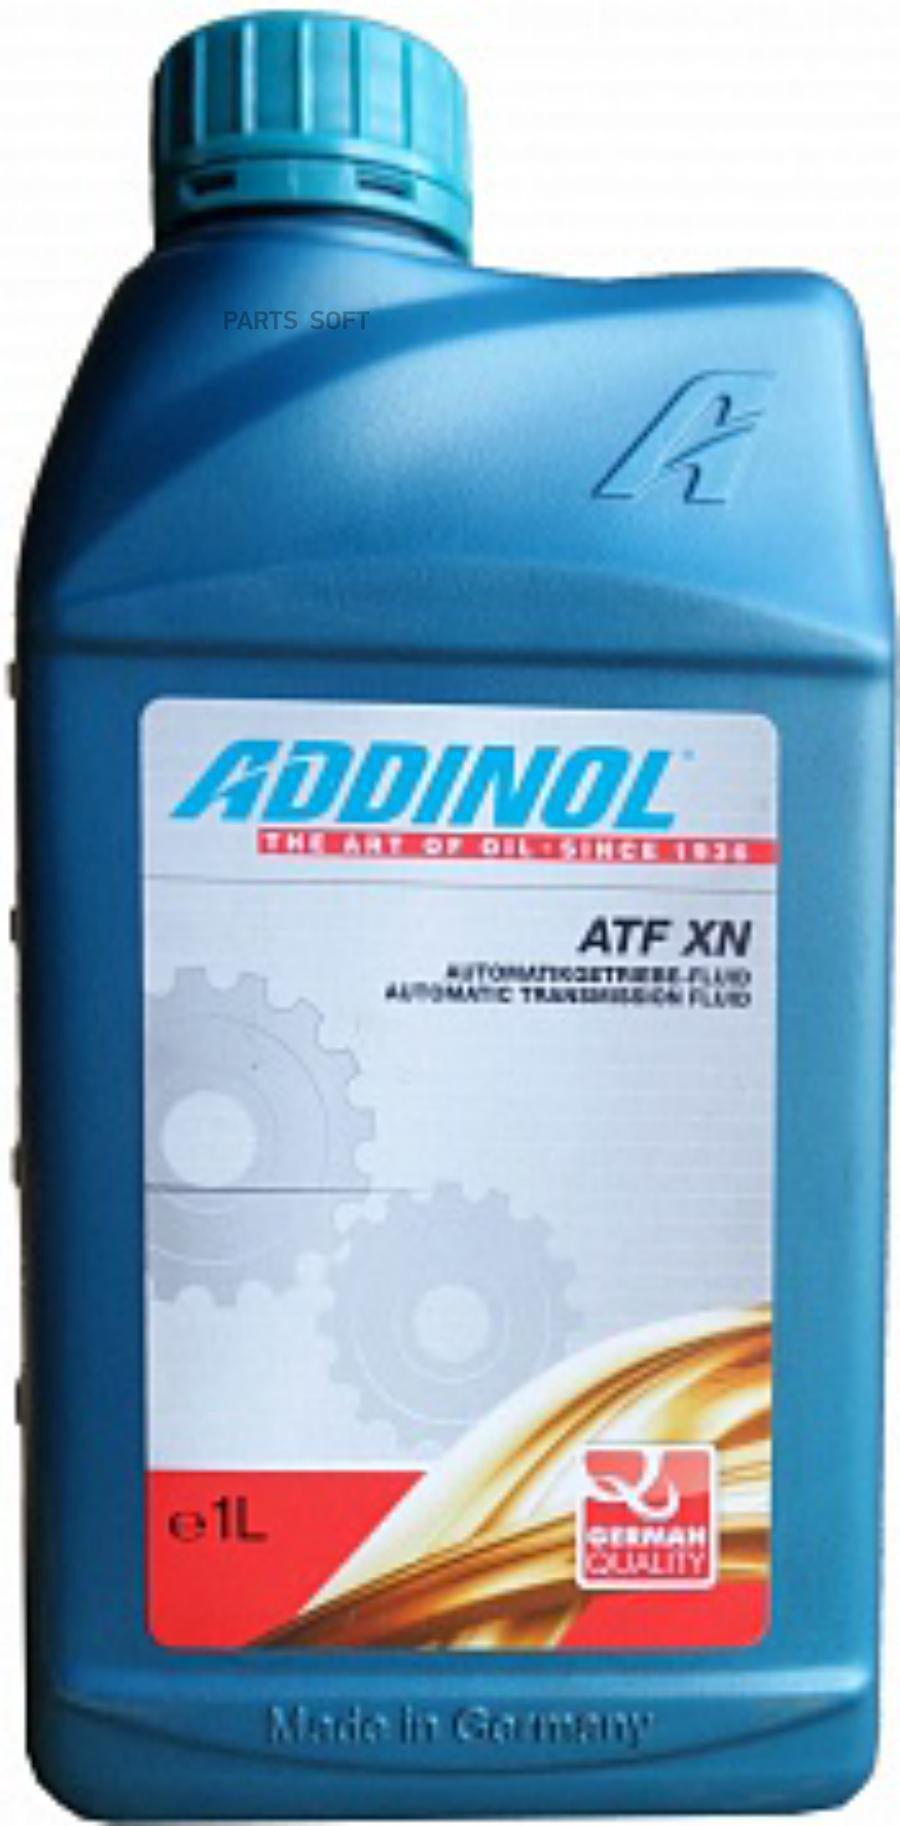 Масло трансмиссионное синтетическое ATF XN, 1л